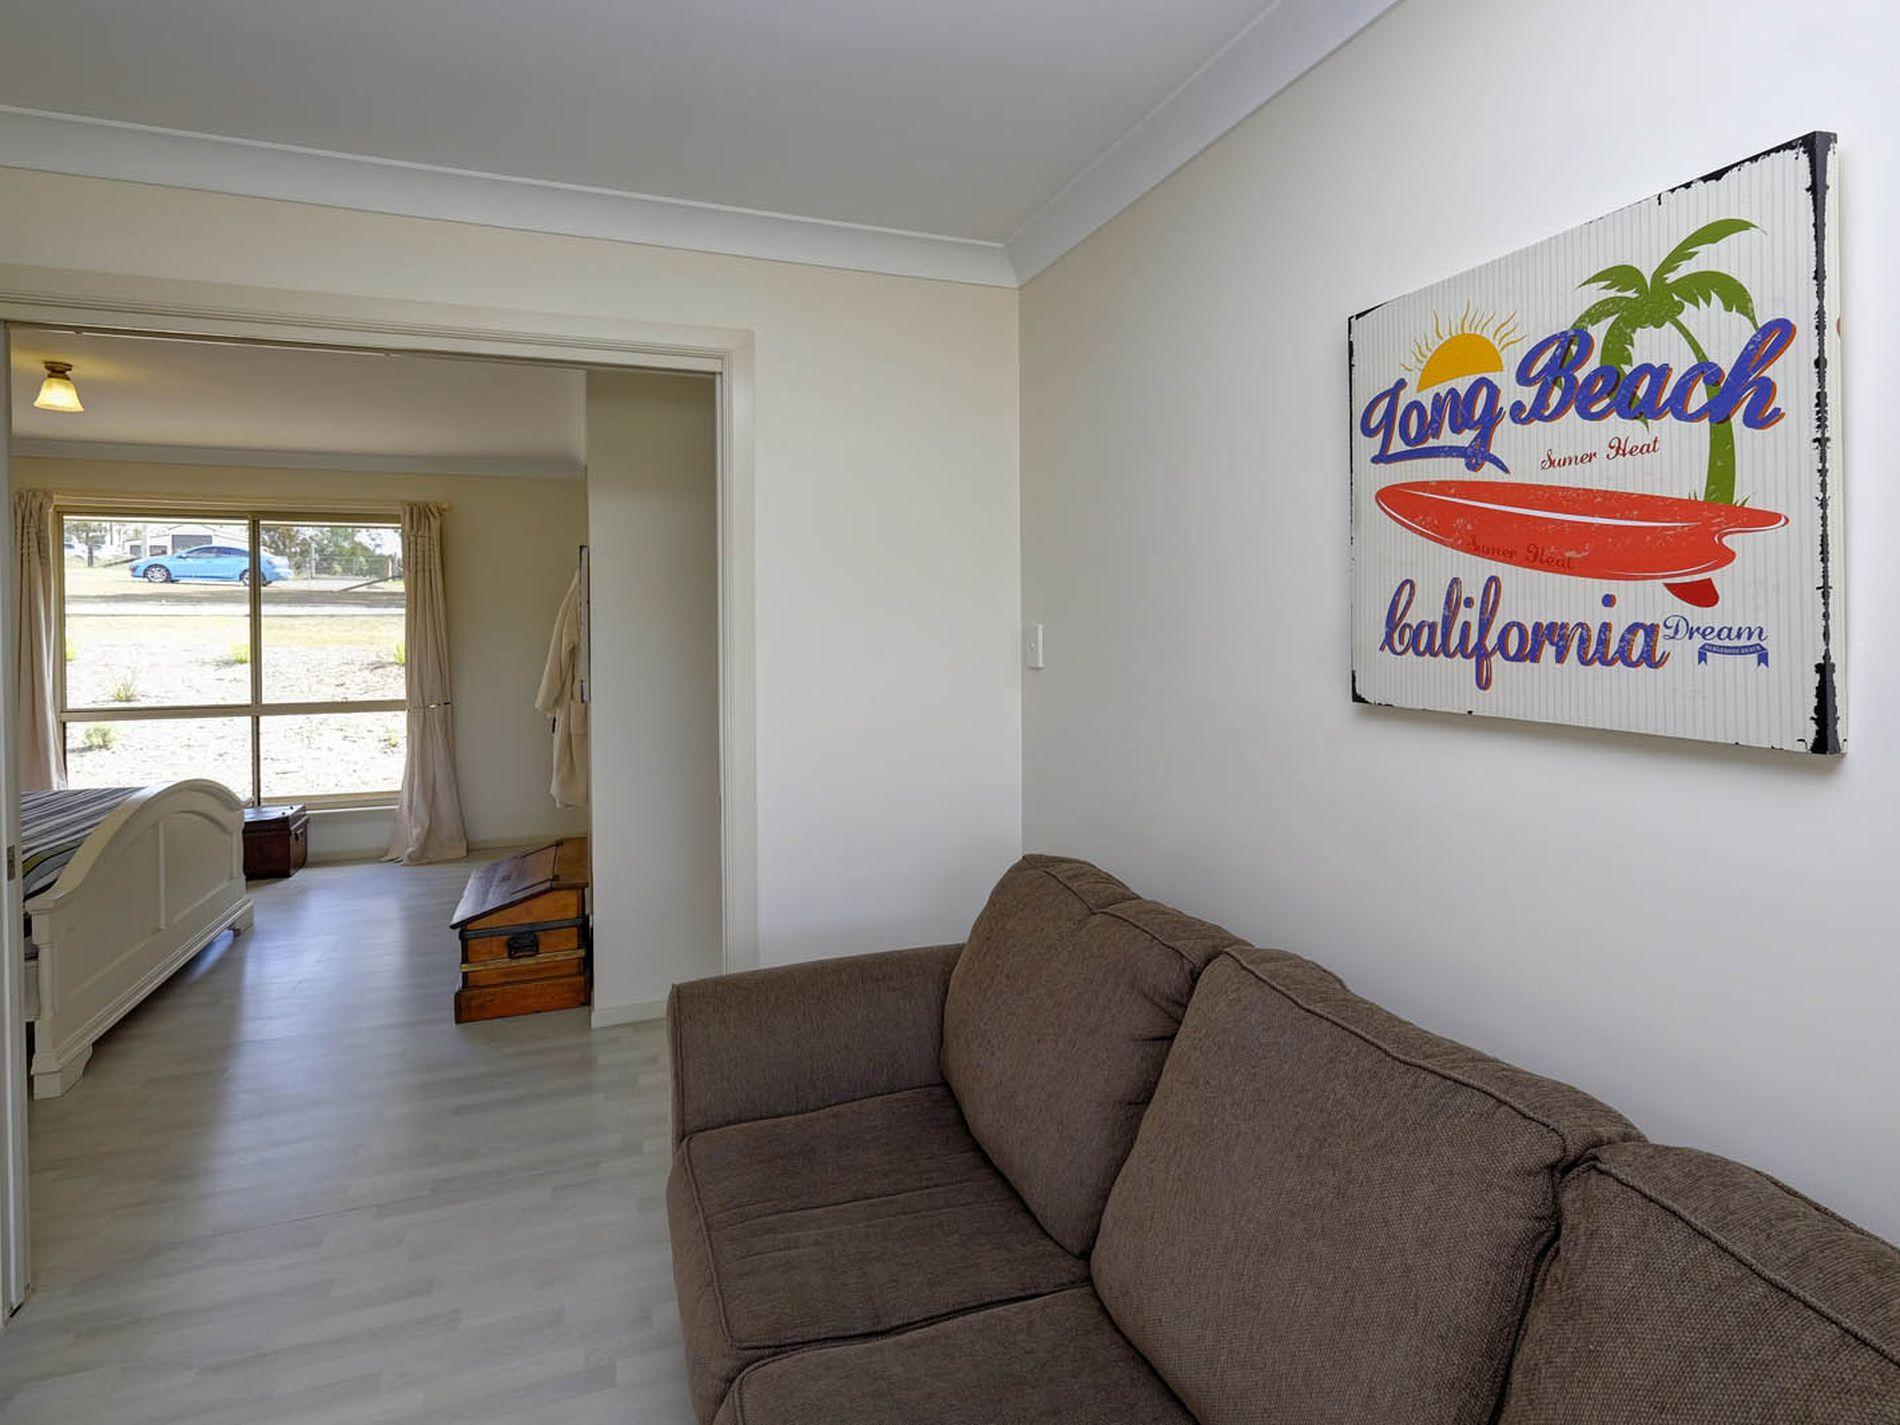 106 Melaleuca Drive, Coolongolook